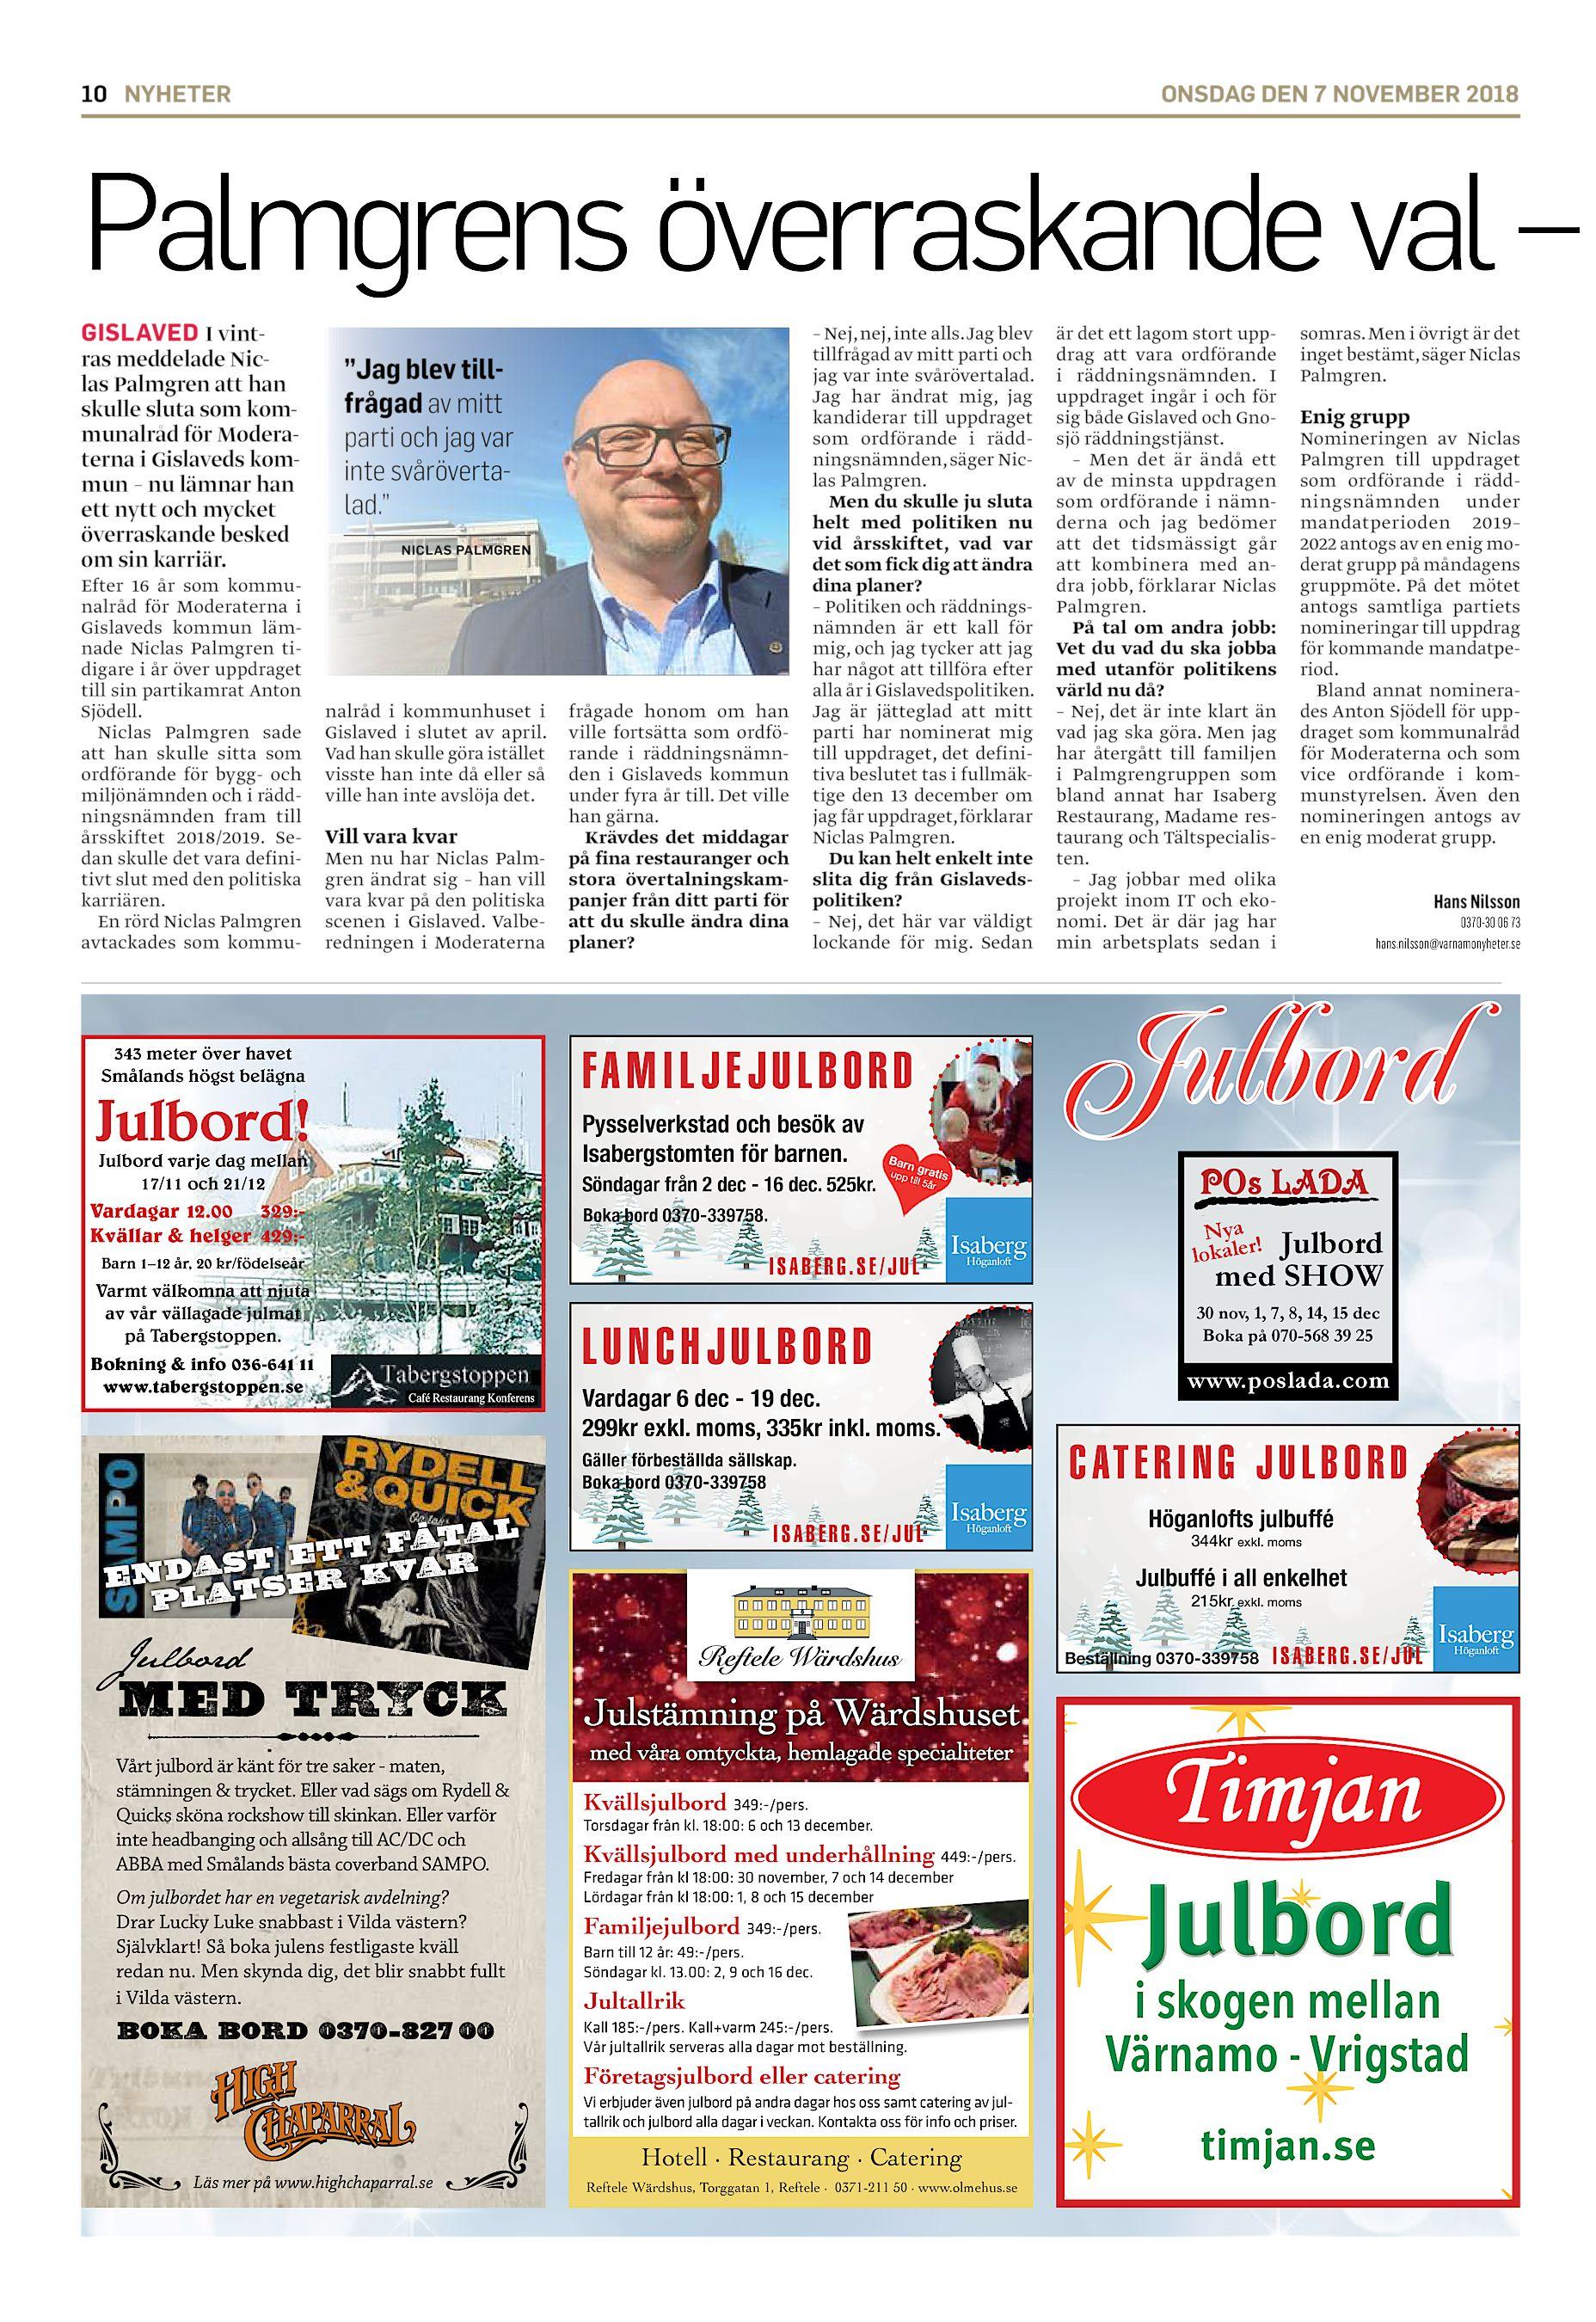 10 NYHETER ONSDAG DEN 7 NOVEMBER 2018 Palmgrens överraskande val – GISLAVED  I vintras meddelade Niclas Palmgren att han skulle sluta som kommunalråd  för ... 5aeb85ea542e1